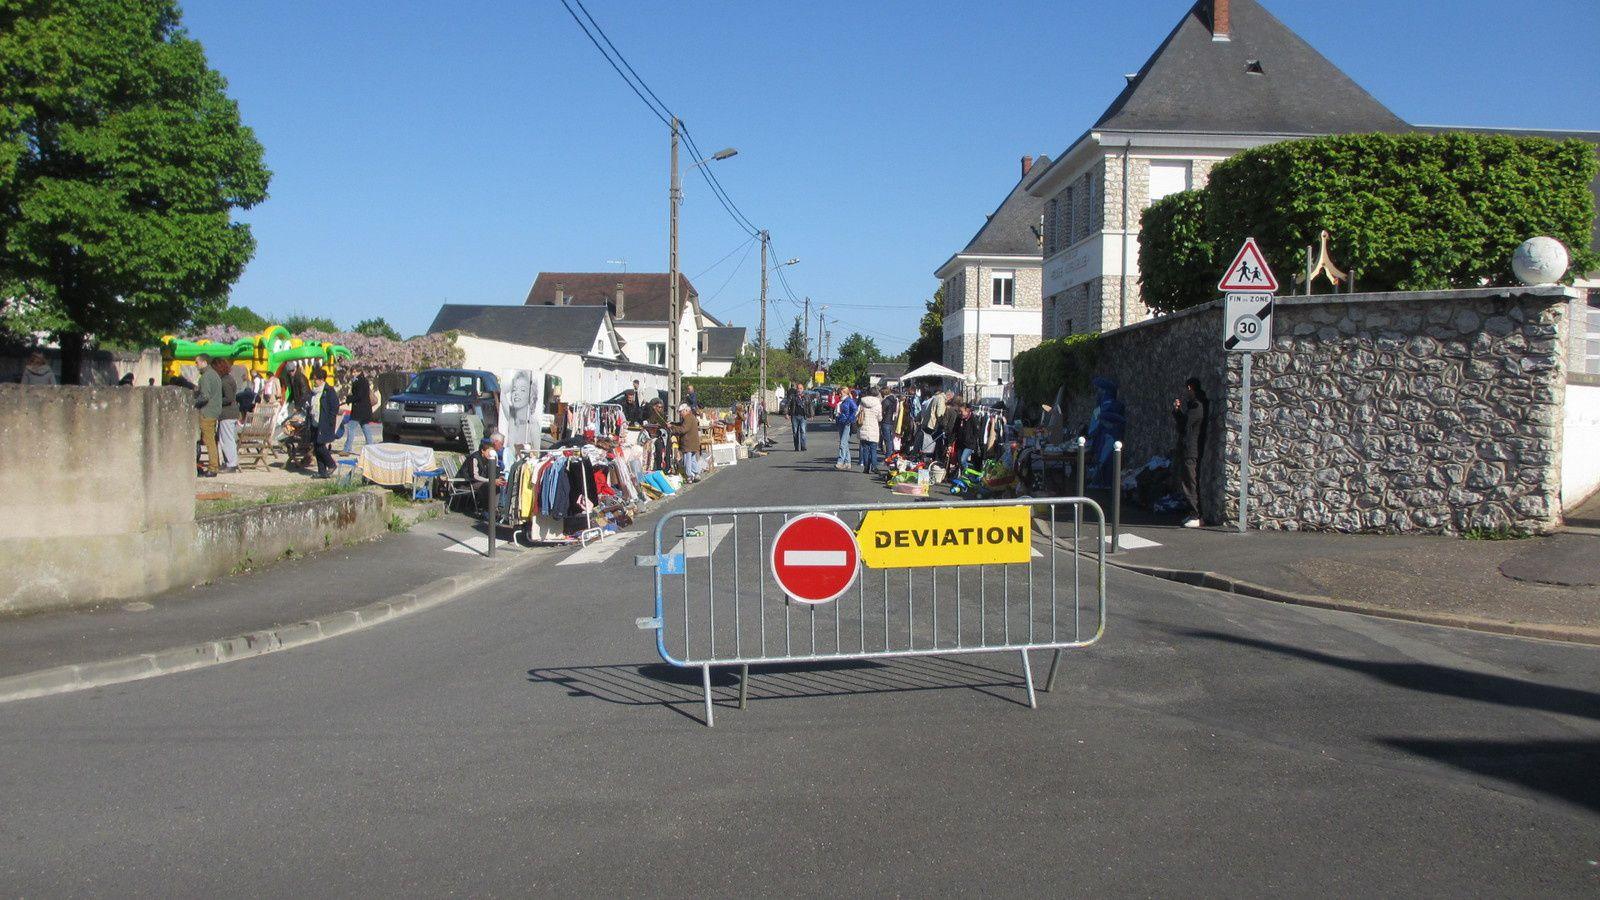 La brocante de ce dimanche matin favorise la vie locale et les échanges pour réclamer la modération du trafic routier devant l'école.